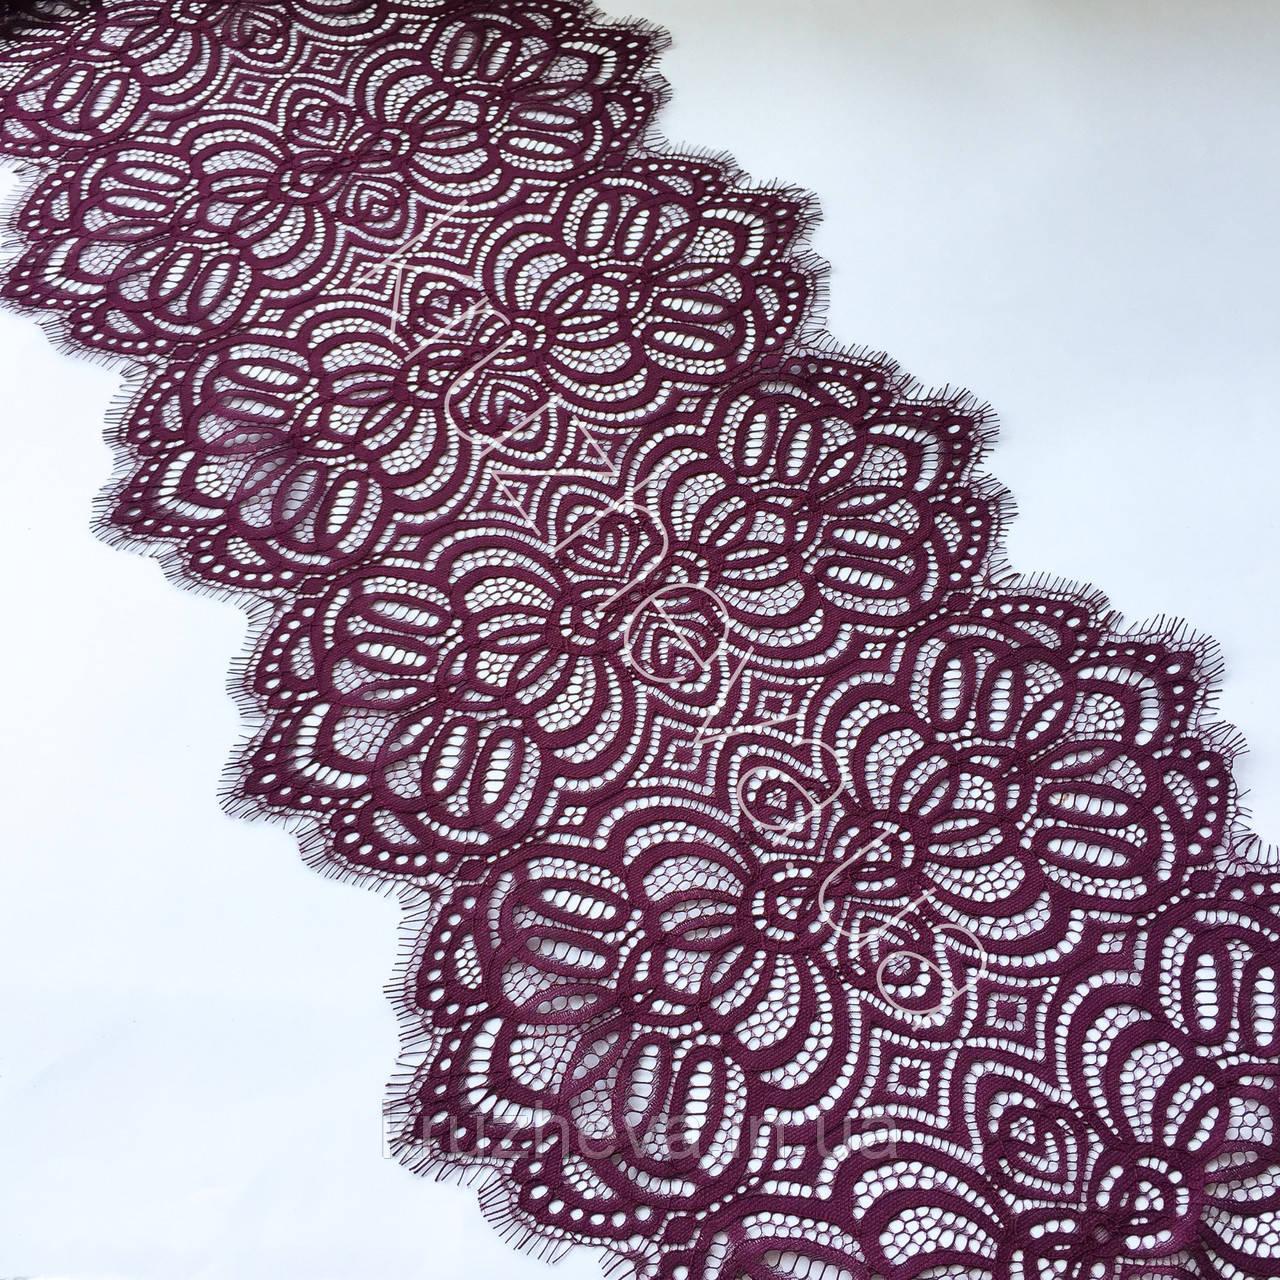 Ажурне мереживо шантильї (з віями) пурпурно-червоного відтінку шириною 30 см, довжина купона 1,55 м.